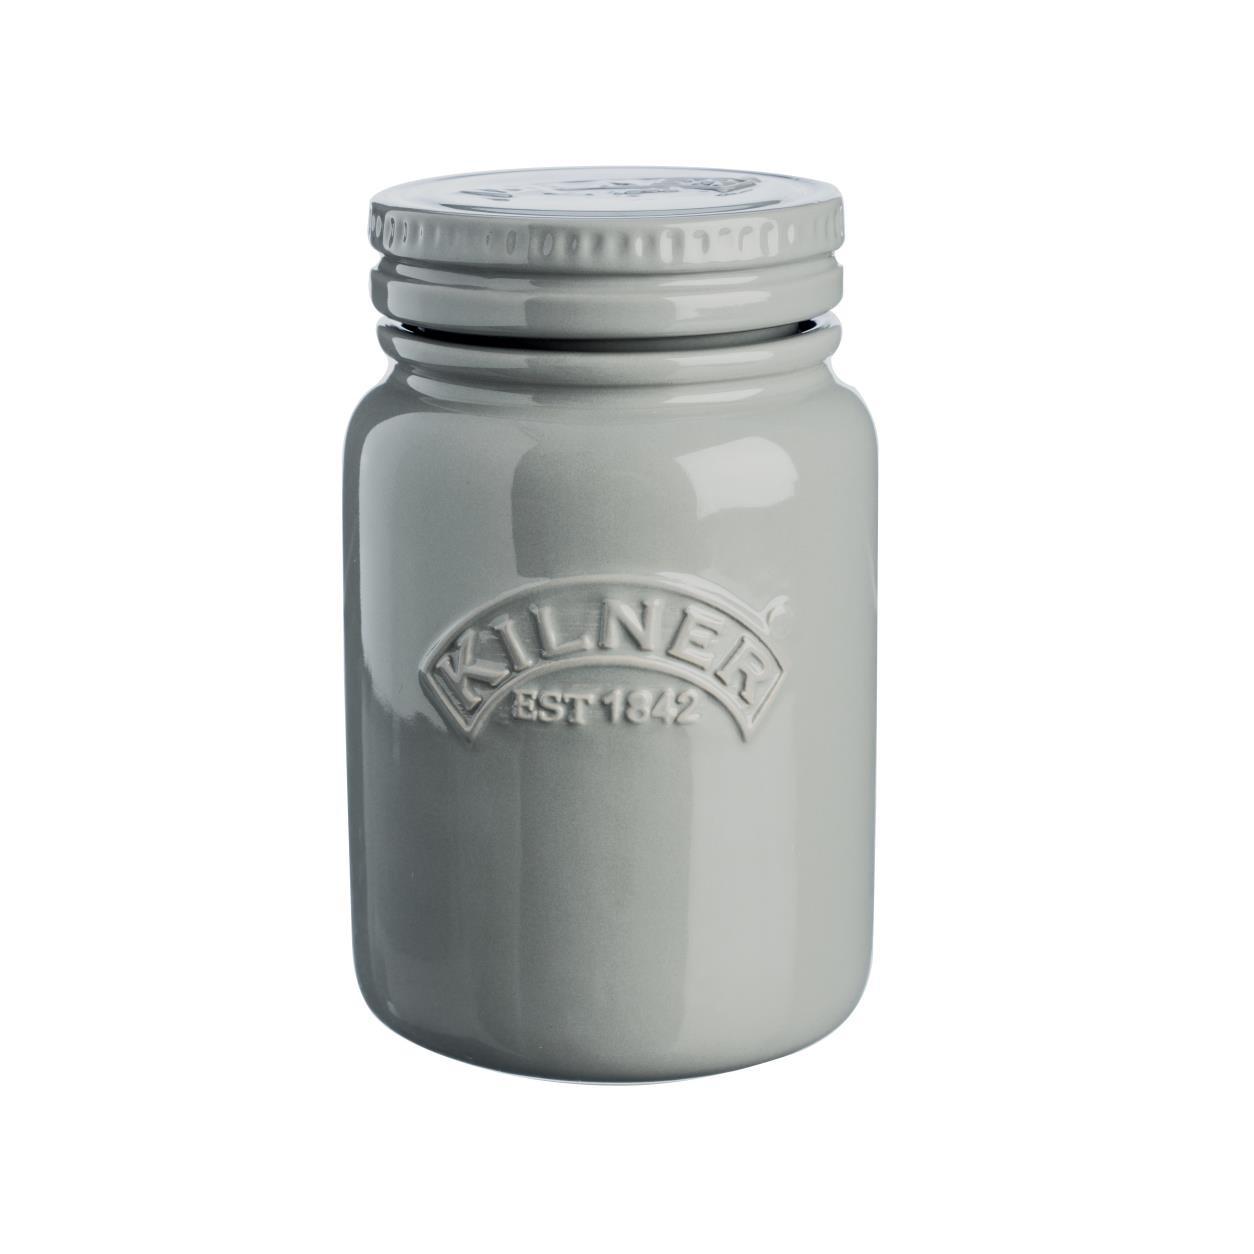 Dóza na suché potraviny 0,6 l, ranní mlha - Kilner